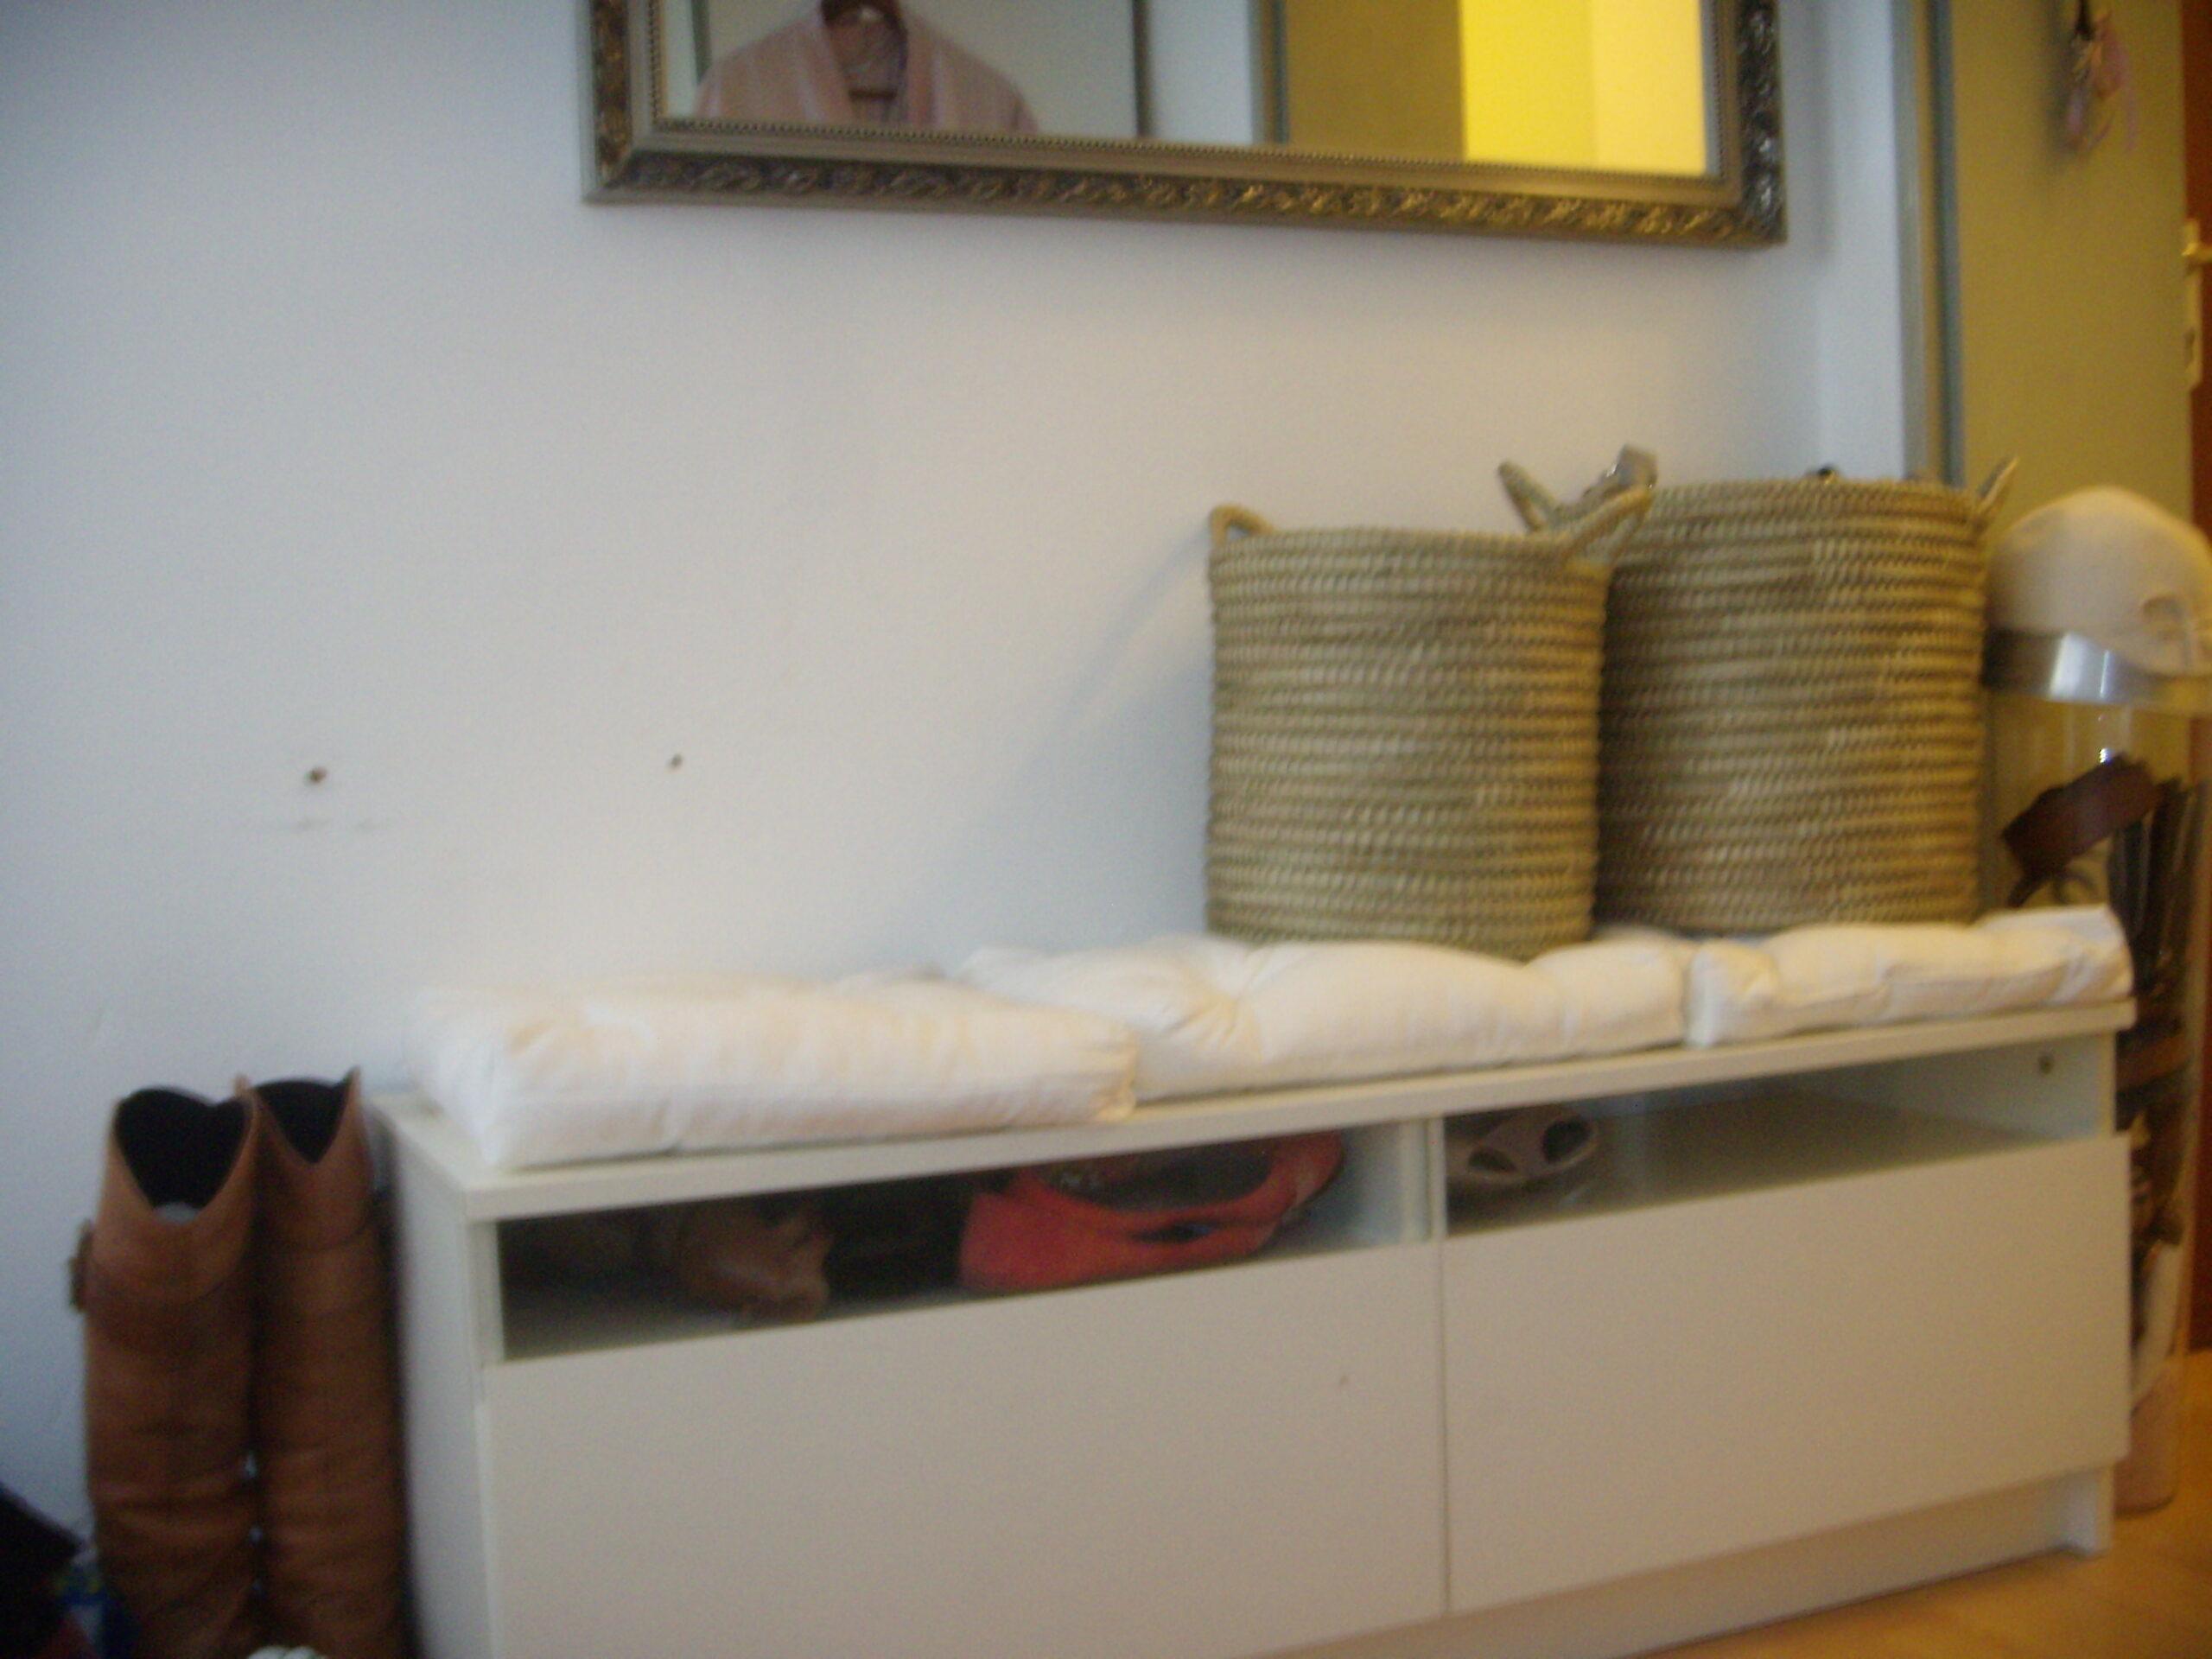 Full Size of Ikea Hack Sitzbank Küche Tv Wand Als Liebt Kleine L Form Aufbewahrungsbehälter Mit Theke Hochglanz Günstig Kaufen Betten Bei Auf Raten Thekentisch Tapete Wohnzimmer Ikea Hack Sitzbank Küche